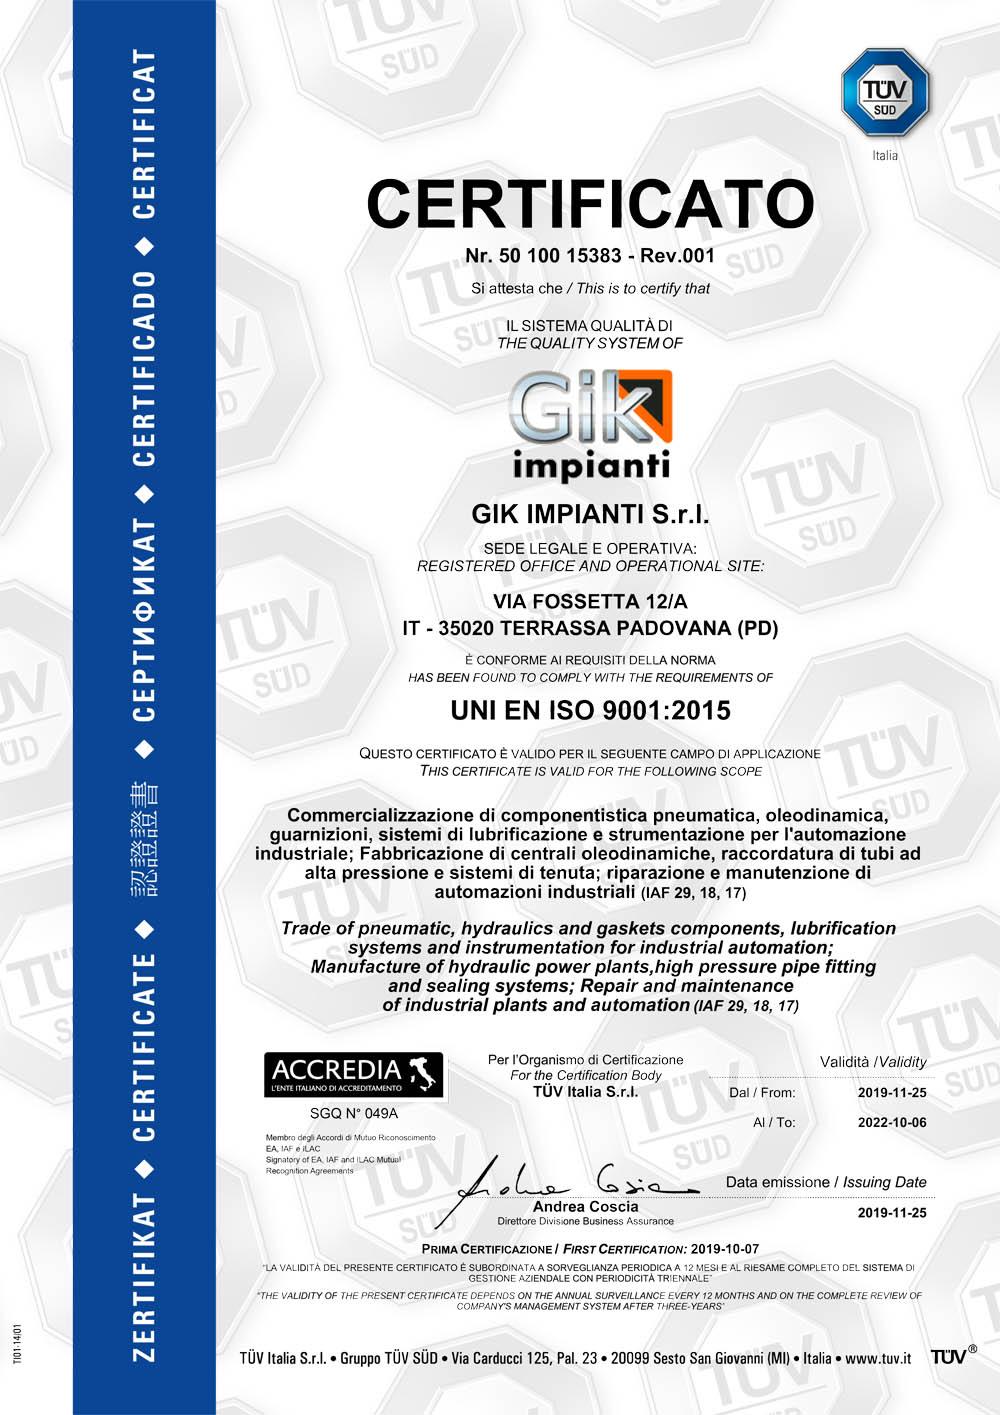 Gik Impianti ha ottenuto la certificazione UNI EN ISO 9001:2015